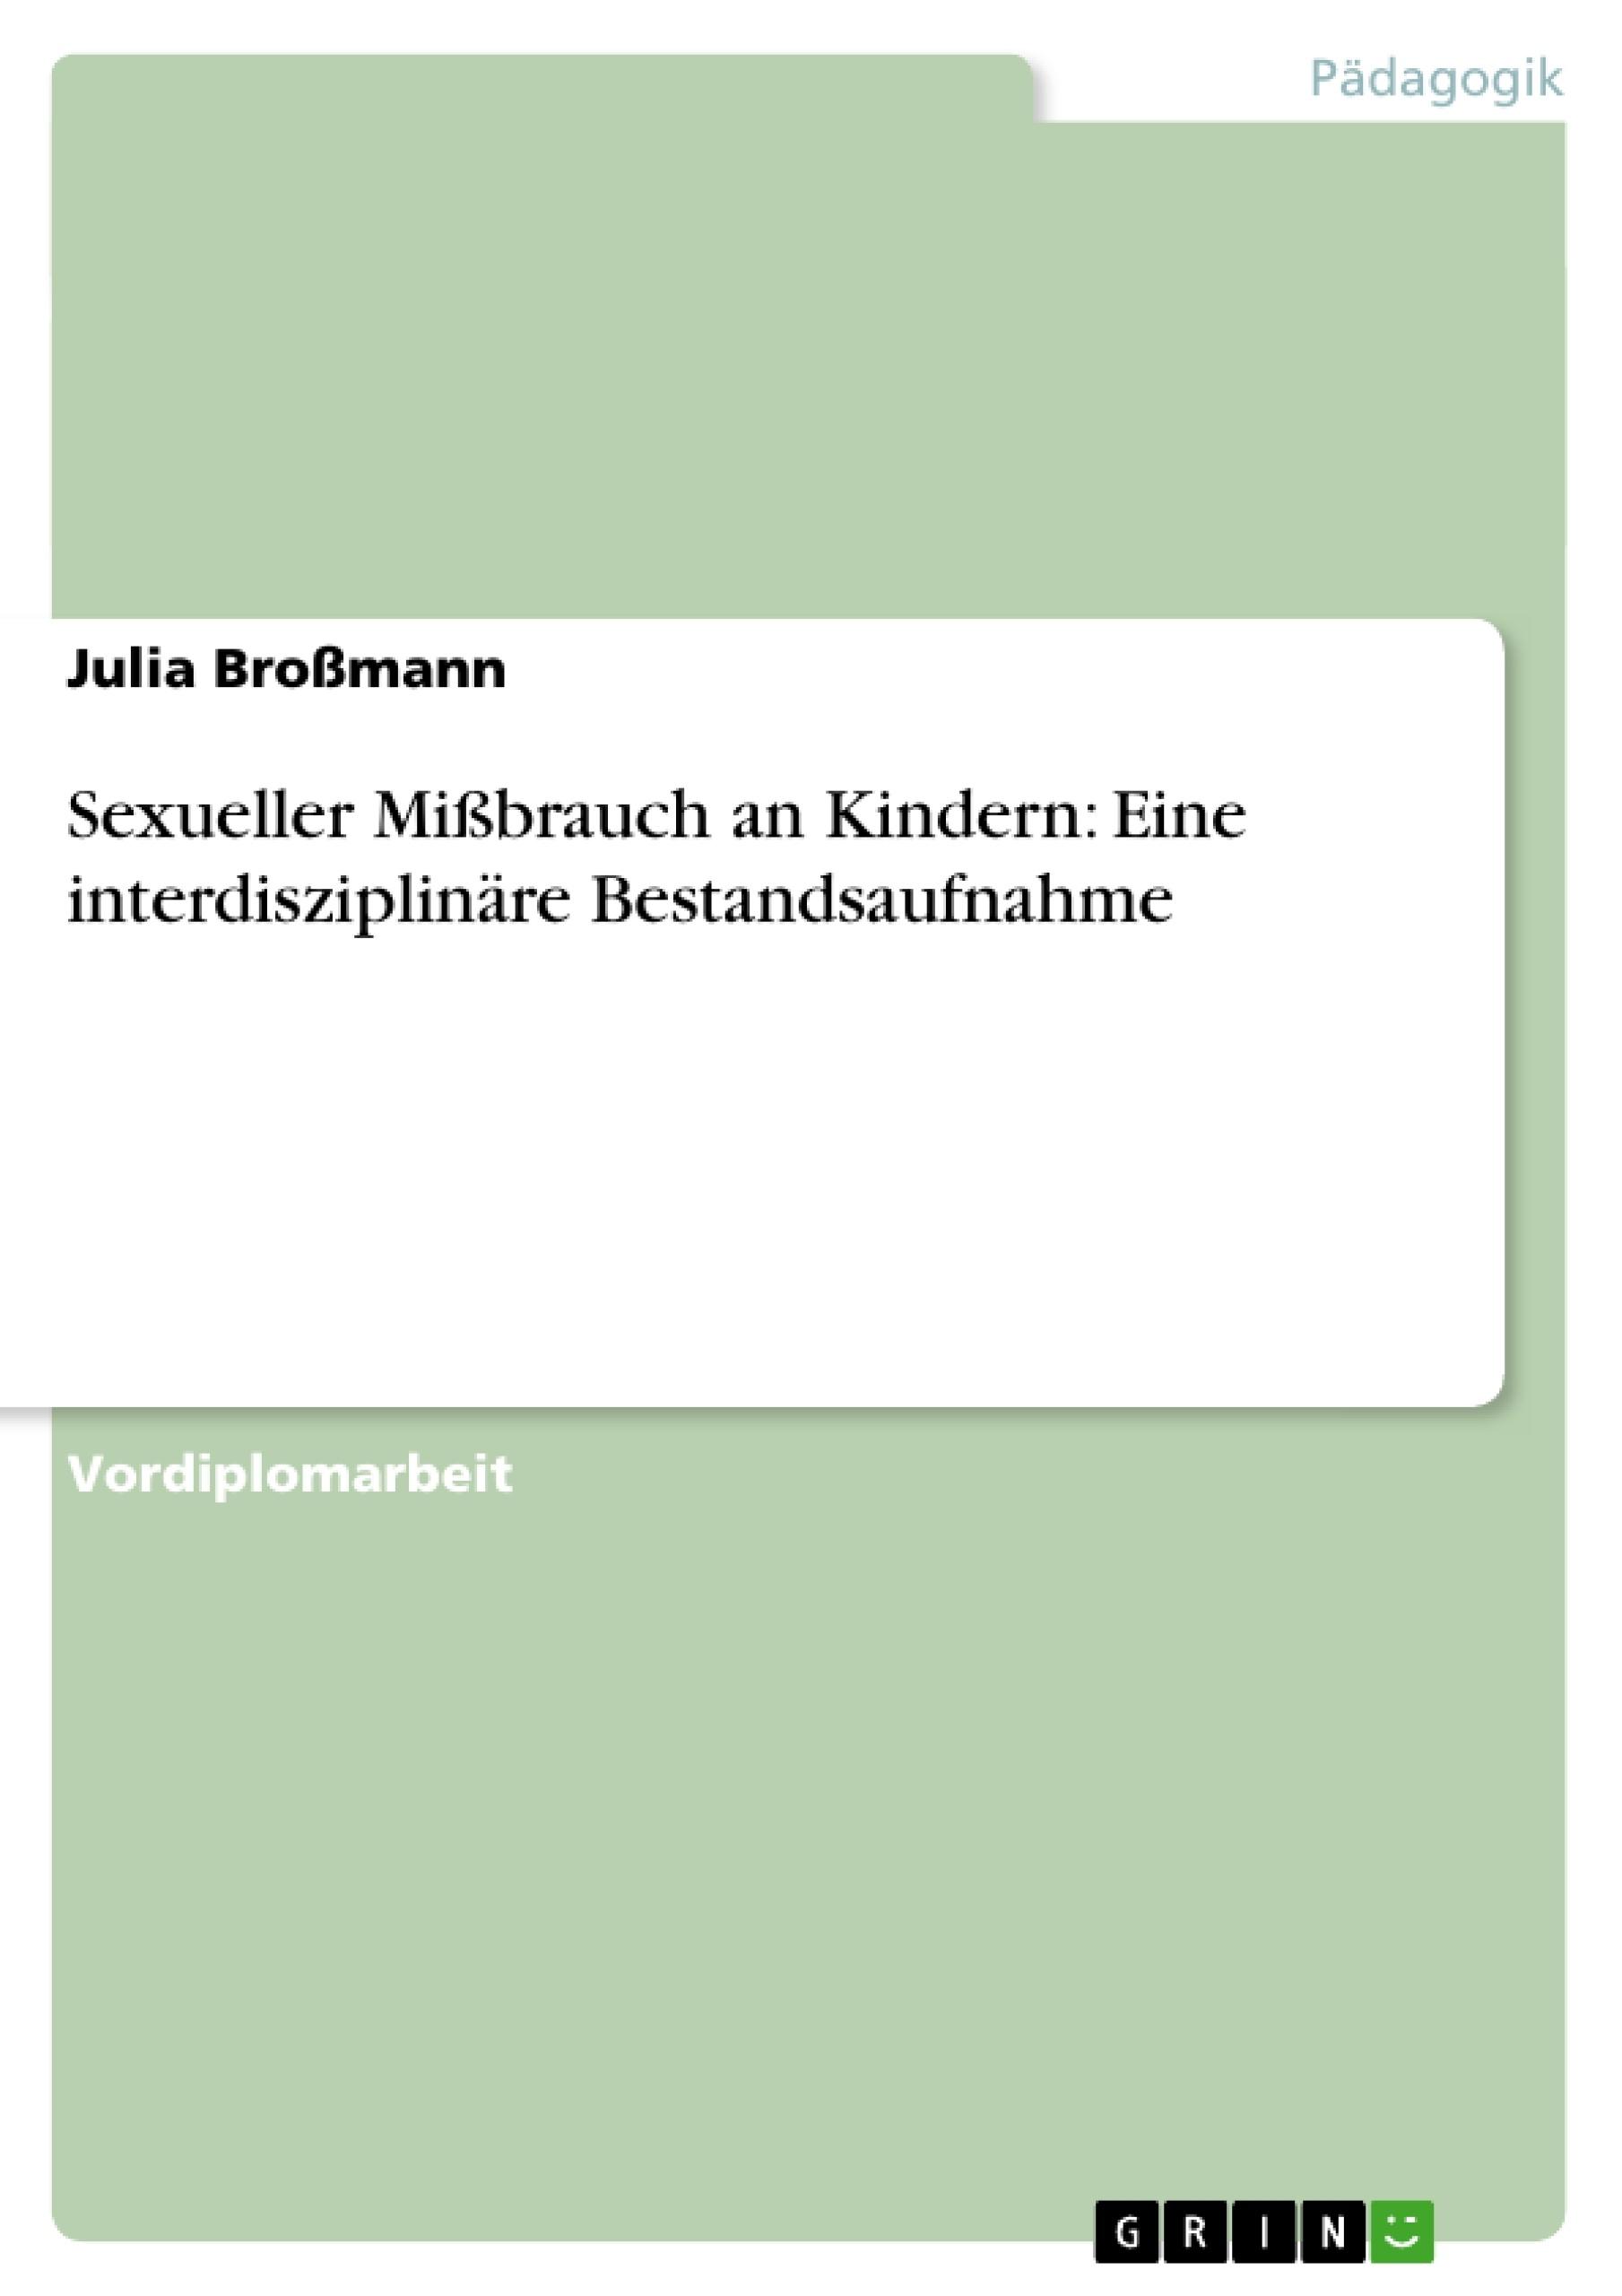 Titel: Sexueller Mißbrauch an Kindern: Eine interdisziplinäre Bestandsaufnahme